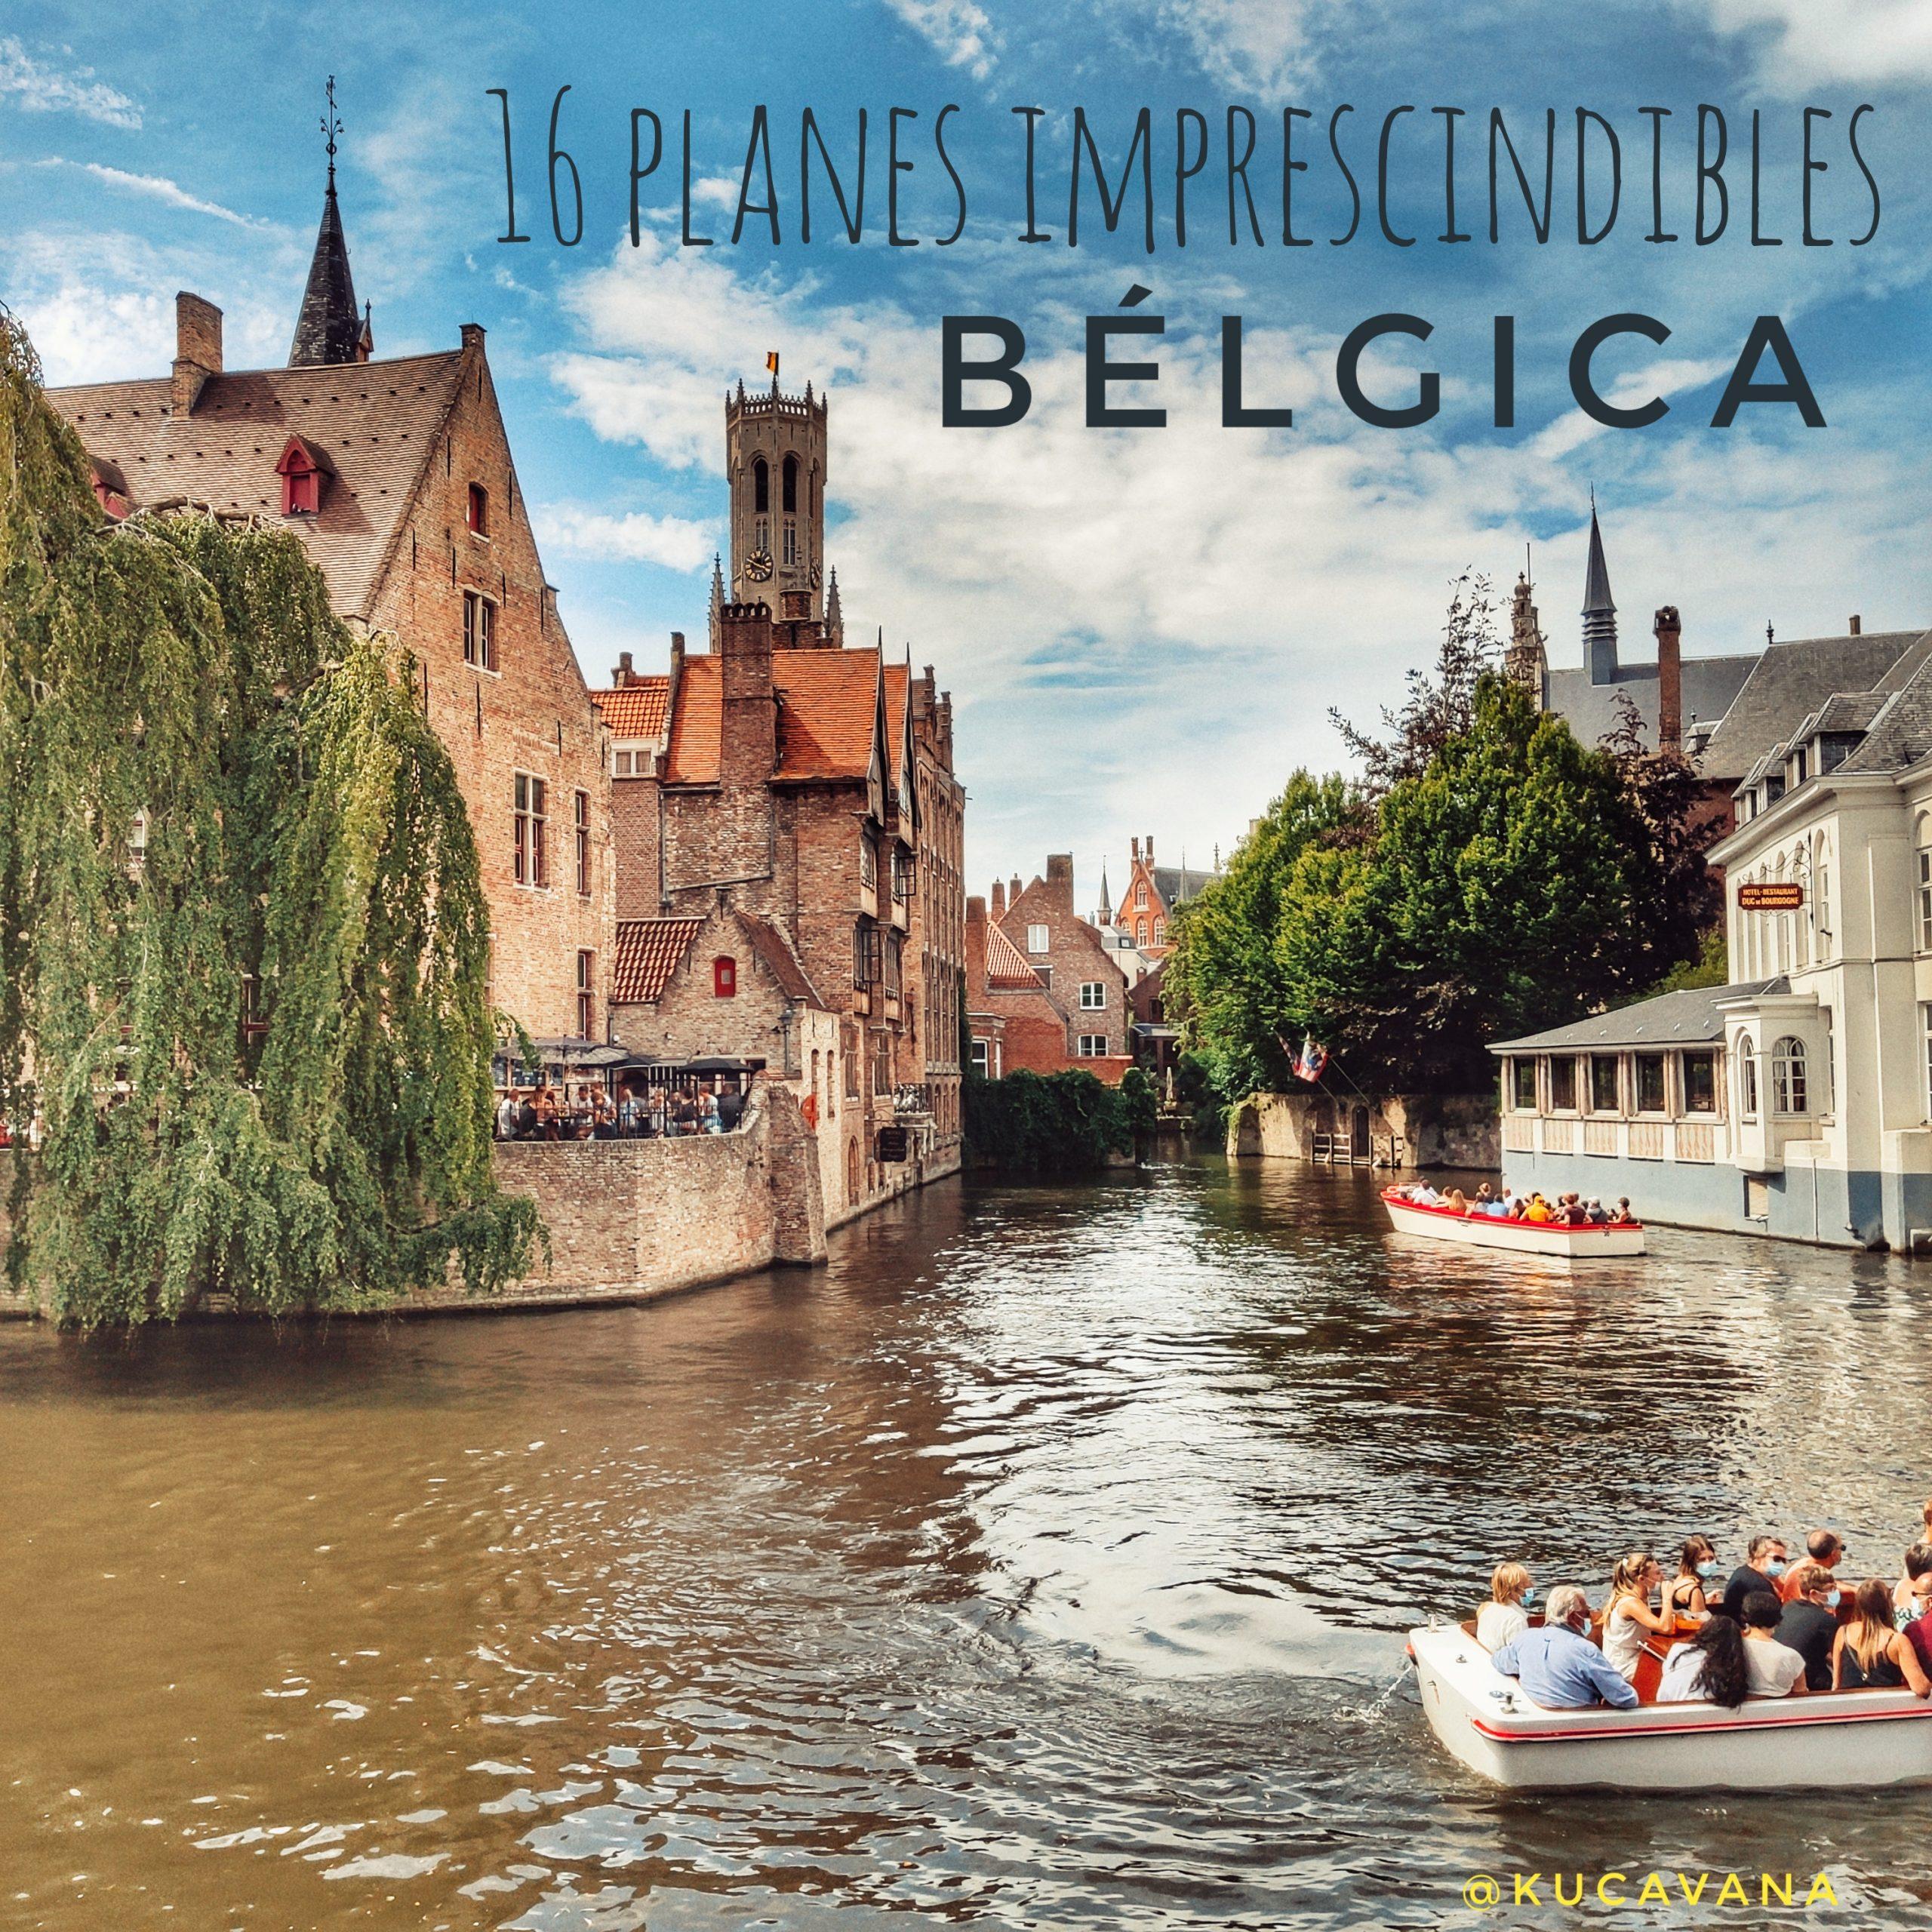 ⭐ Belgique en camping-car ou camping-car: itinéraire avec 16 destinations incontournables ⭐